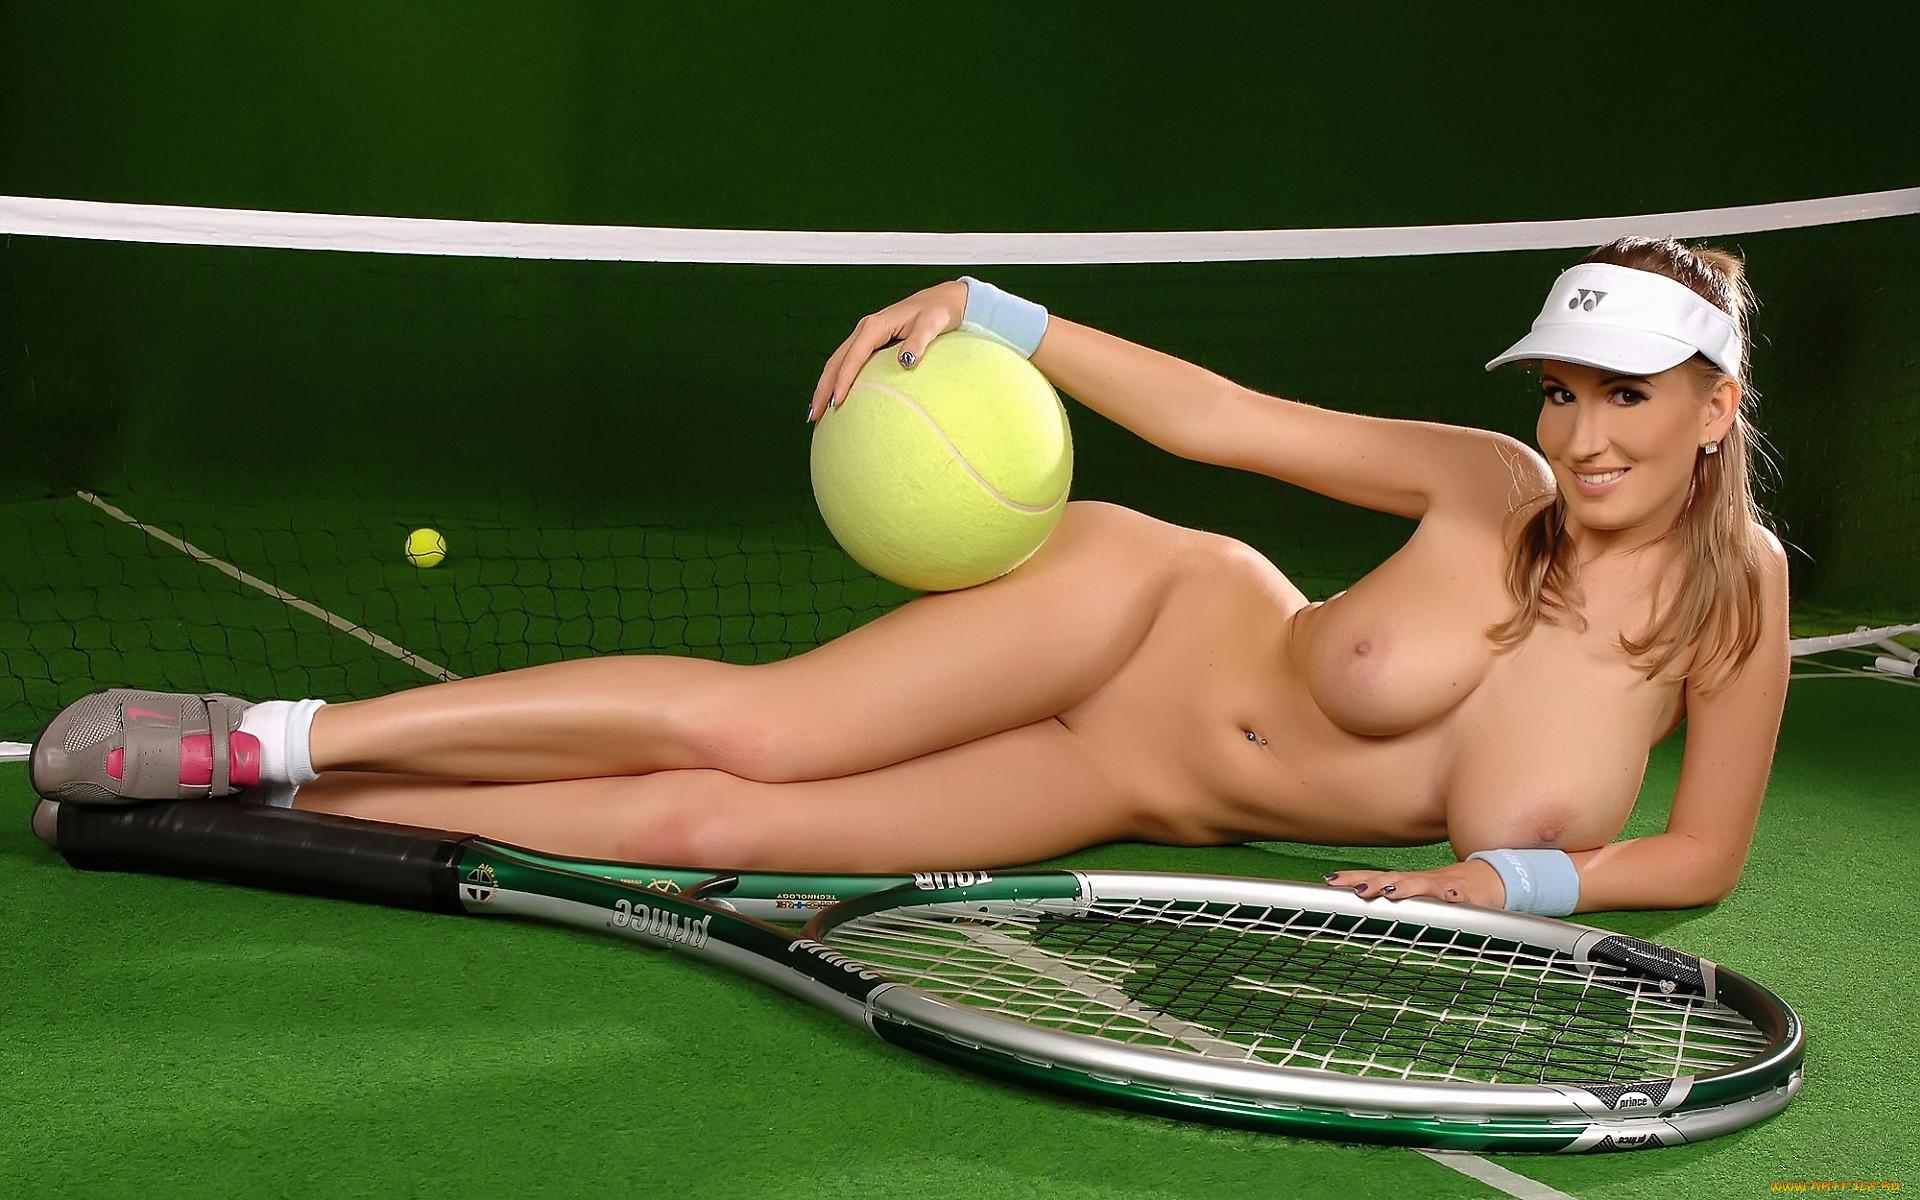 Spear nude nude brunette tennis girl dick